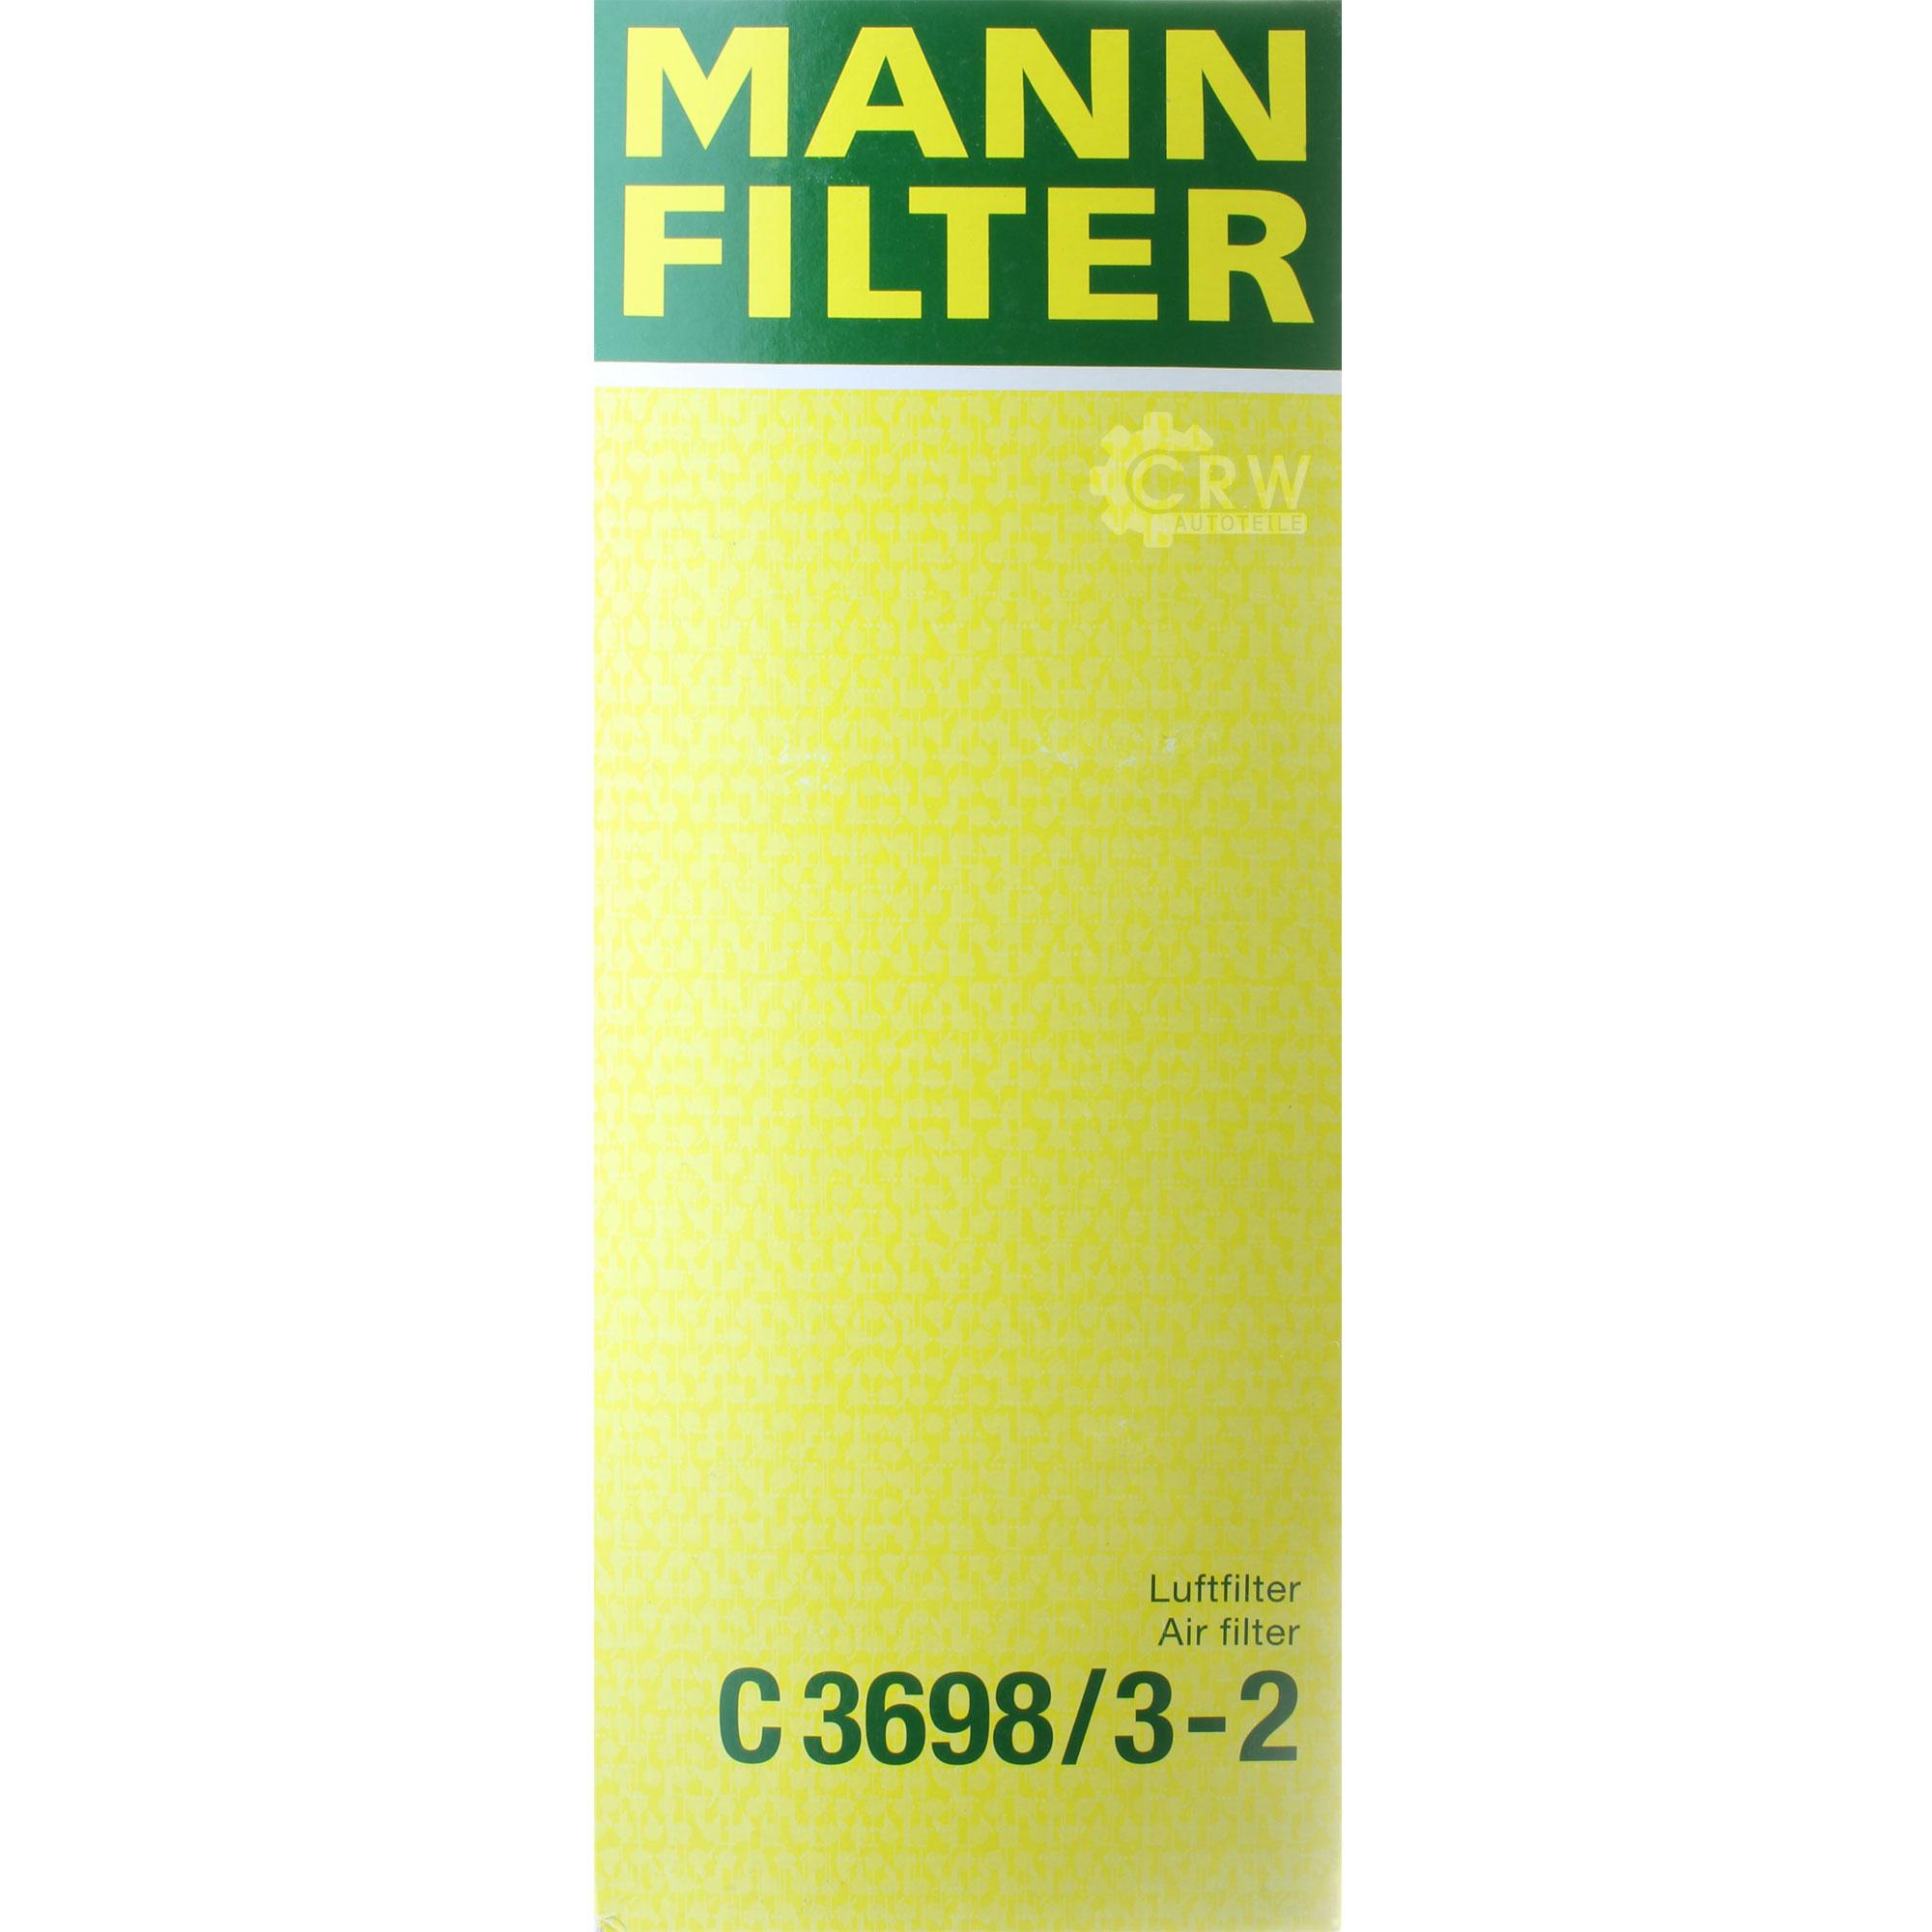 Inspektionspaket-10L-Mercedes-Ol-229-51-5W30-MANN-Luftfilter-Olfilter-11134262 Indexbild 6